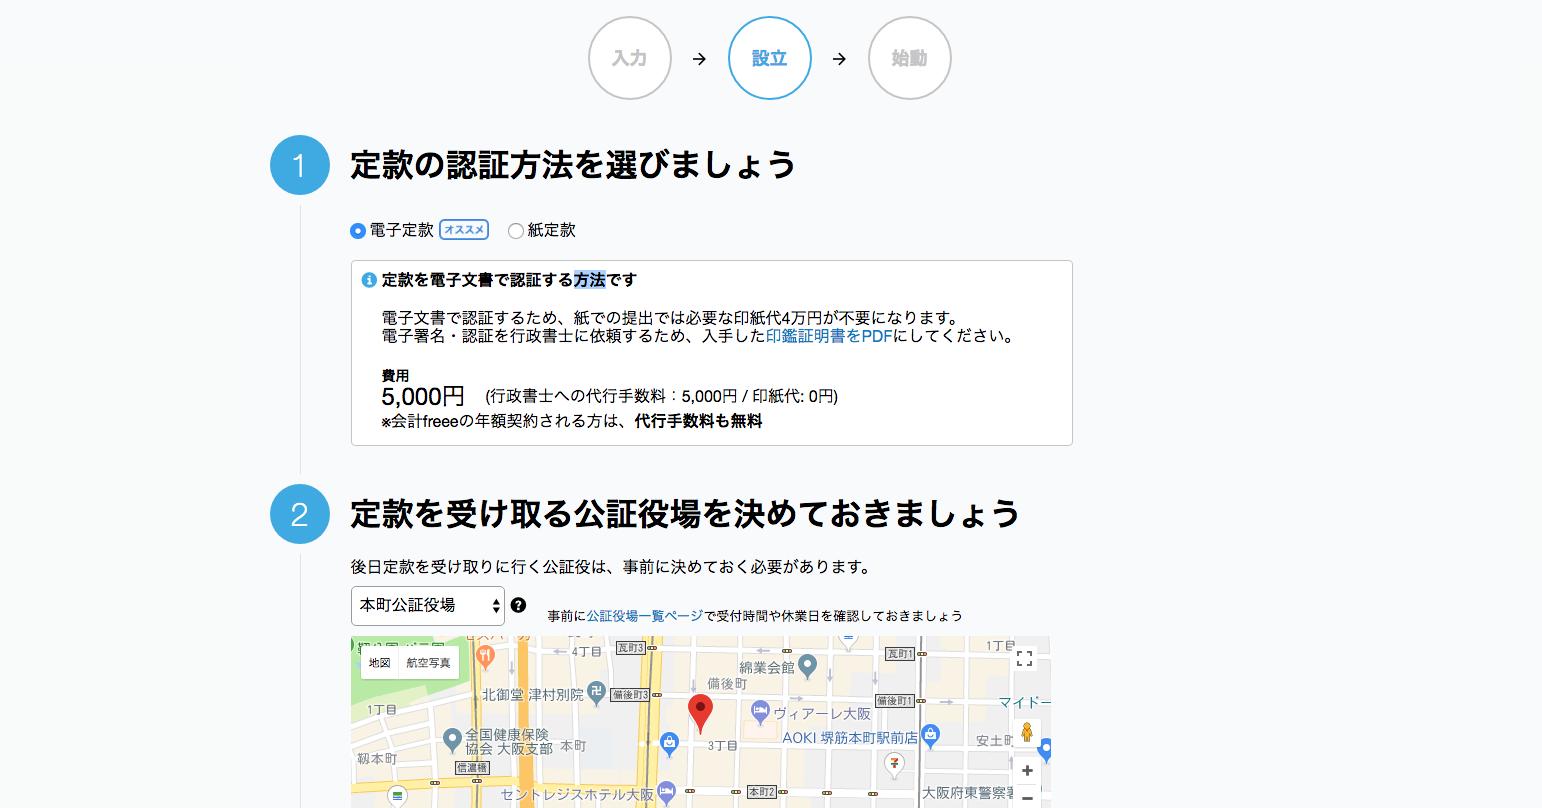 会社設立 freee 2018 03 04 01 40 38